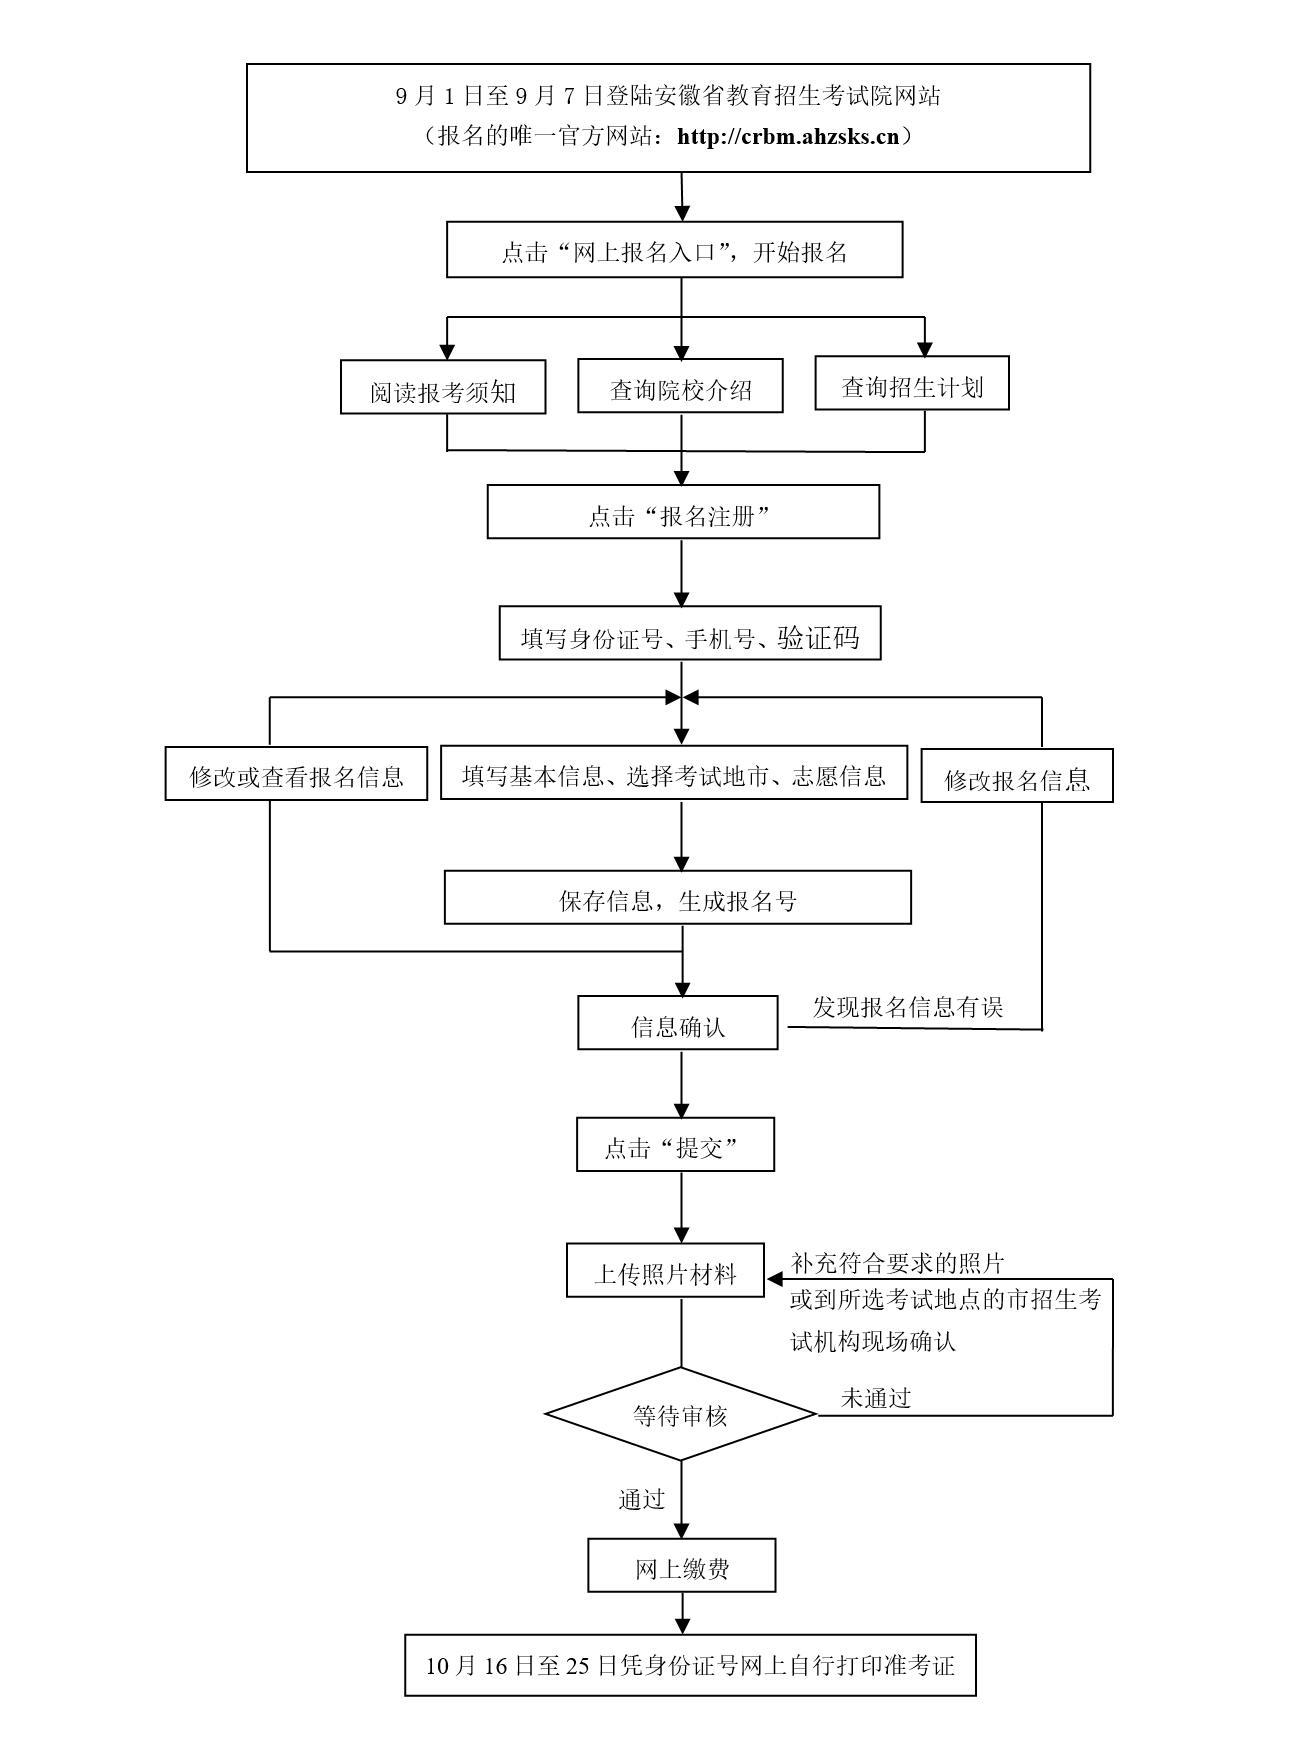 2020年安徽成人高考报名现场确认时间及材料